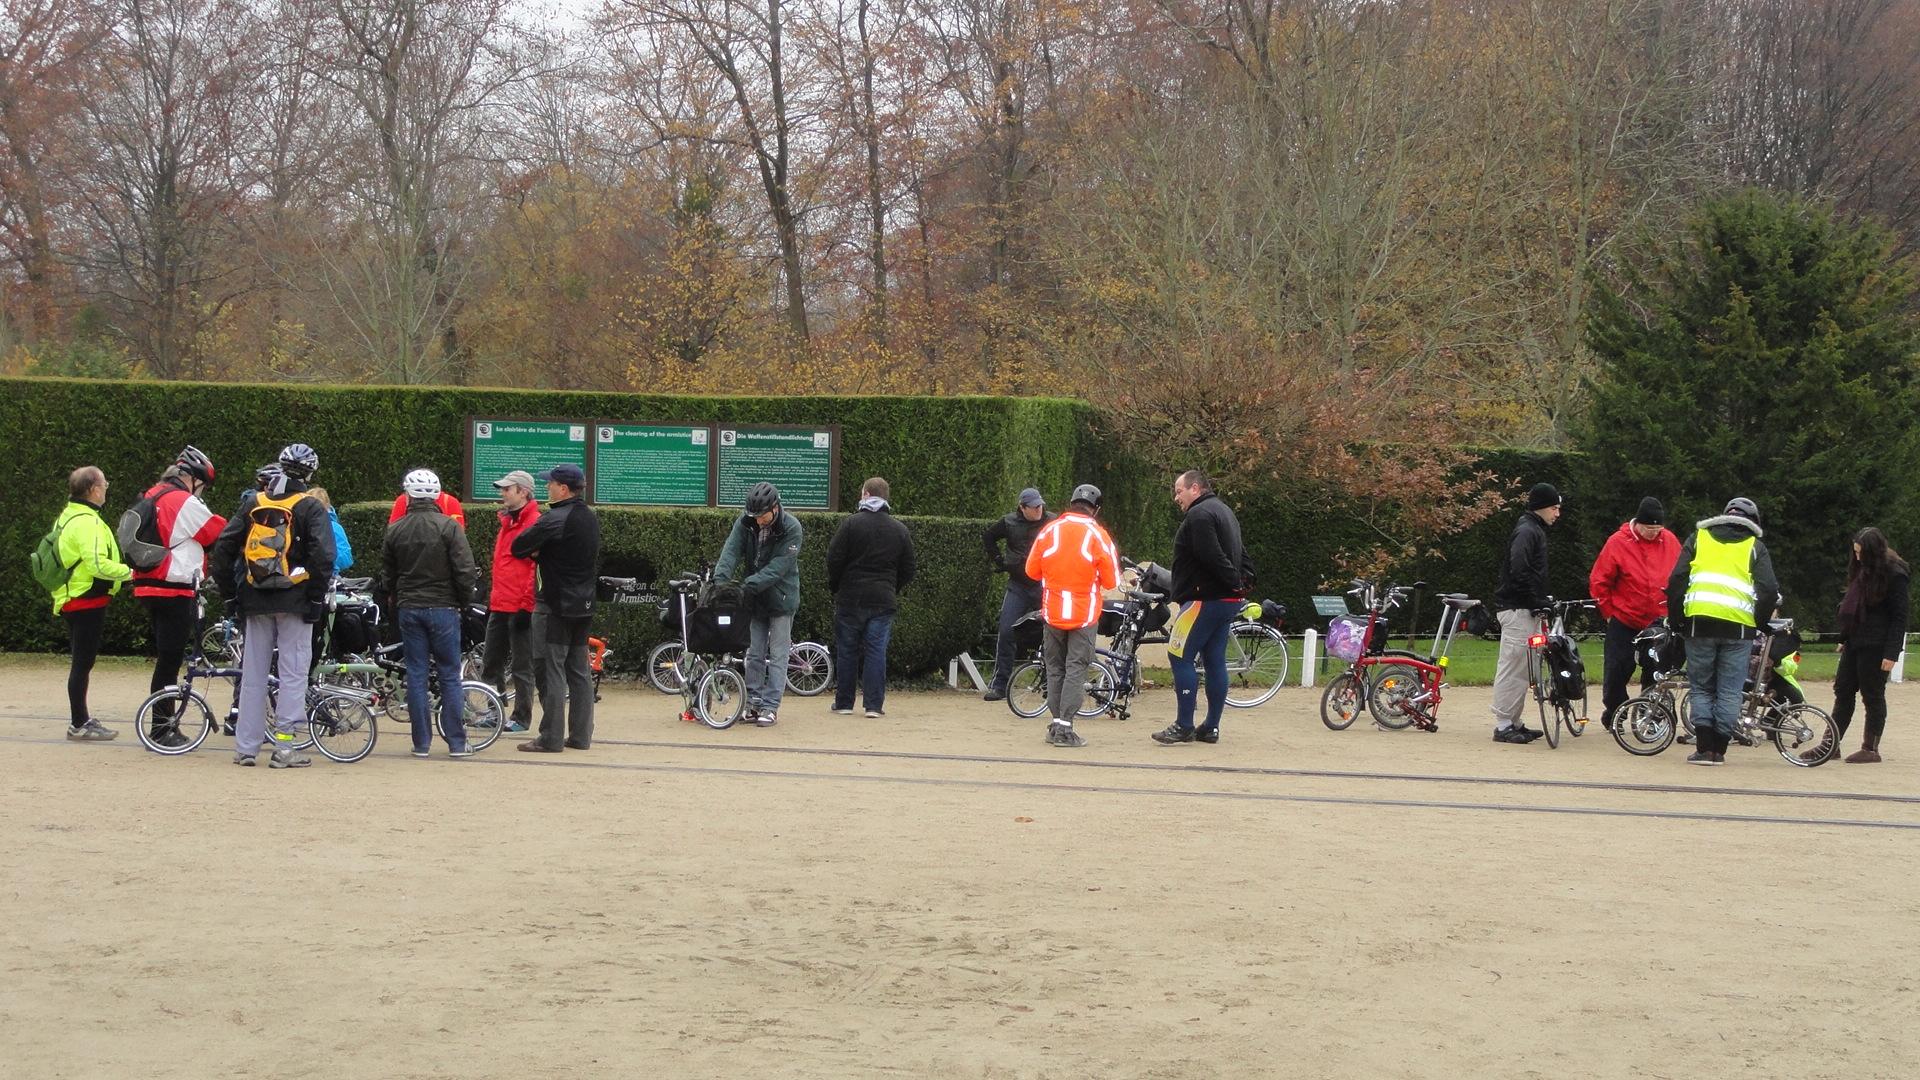 Balade à Compiègne [17 novembre 2012] Fin de la saison 7 •Bƒ  - Page 4 1211170758493167010563433